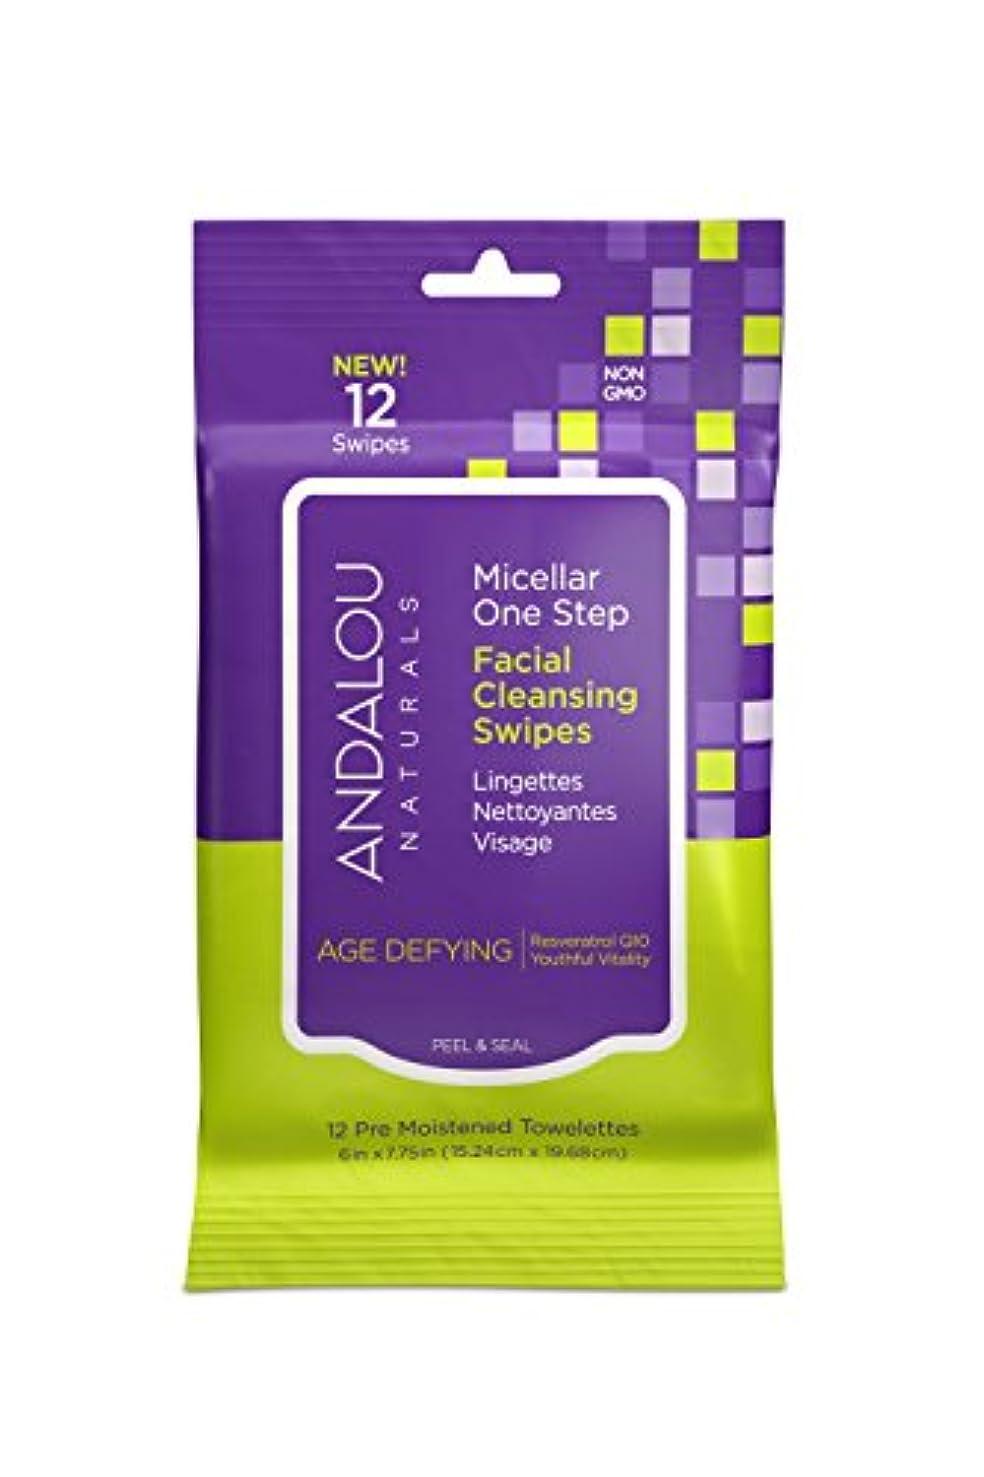 忘れられない標準磨かれたオーガニック ボタニカル クレンジングシート 洗顔シート ナチュラル フルーツ幹細胞 「 Aミセラスワイプ 12枚入り 」 ANDALOU naturals アンダルー ナチュラルズ